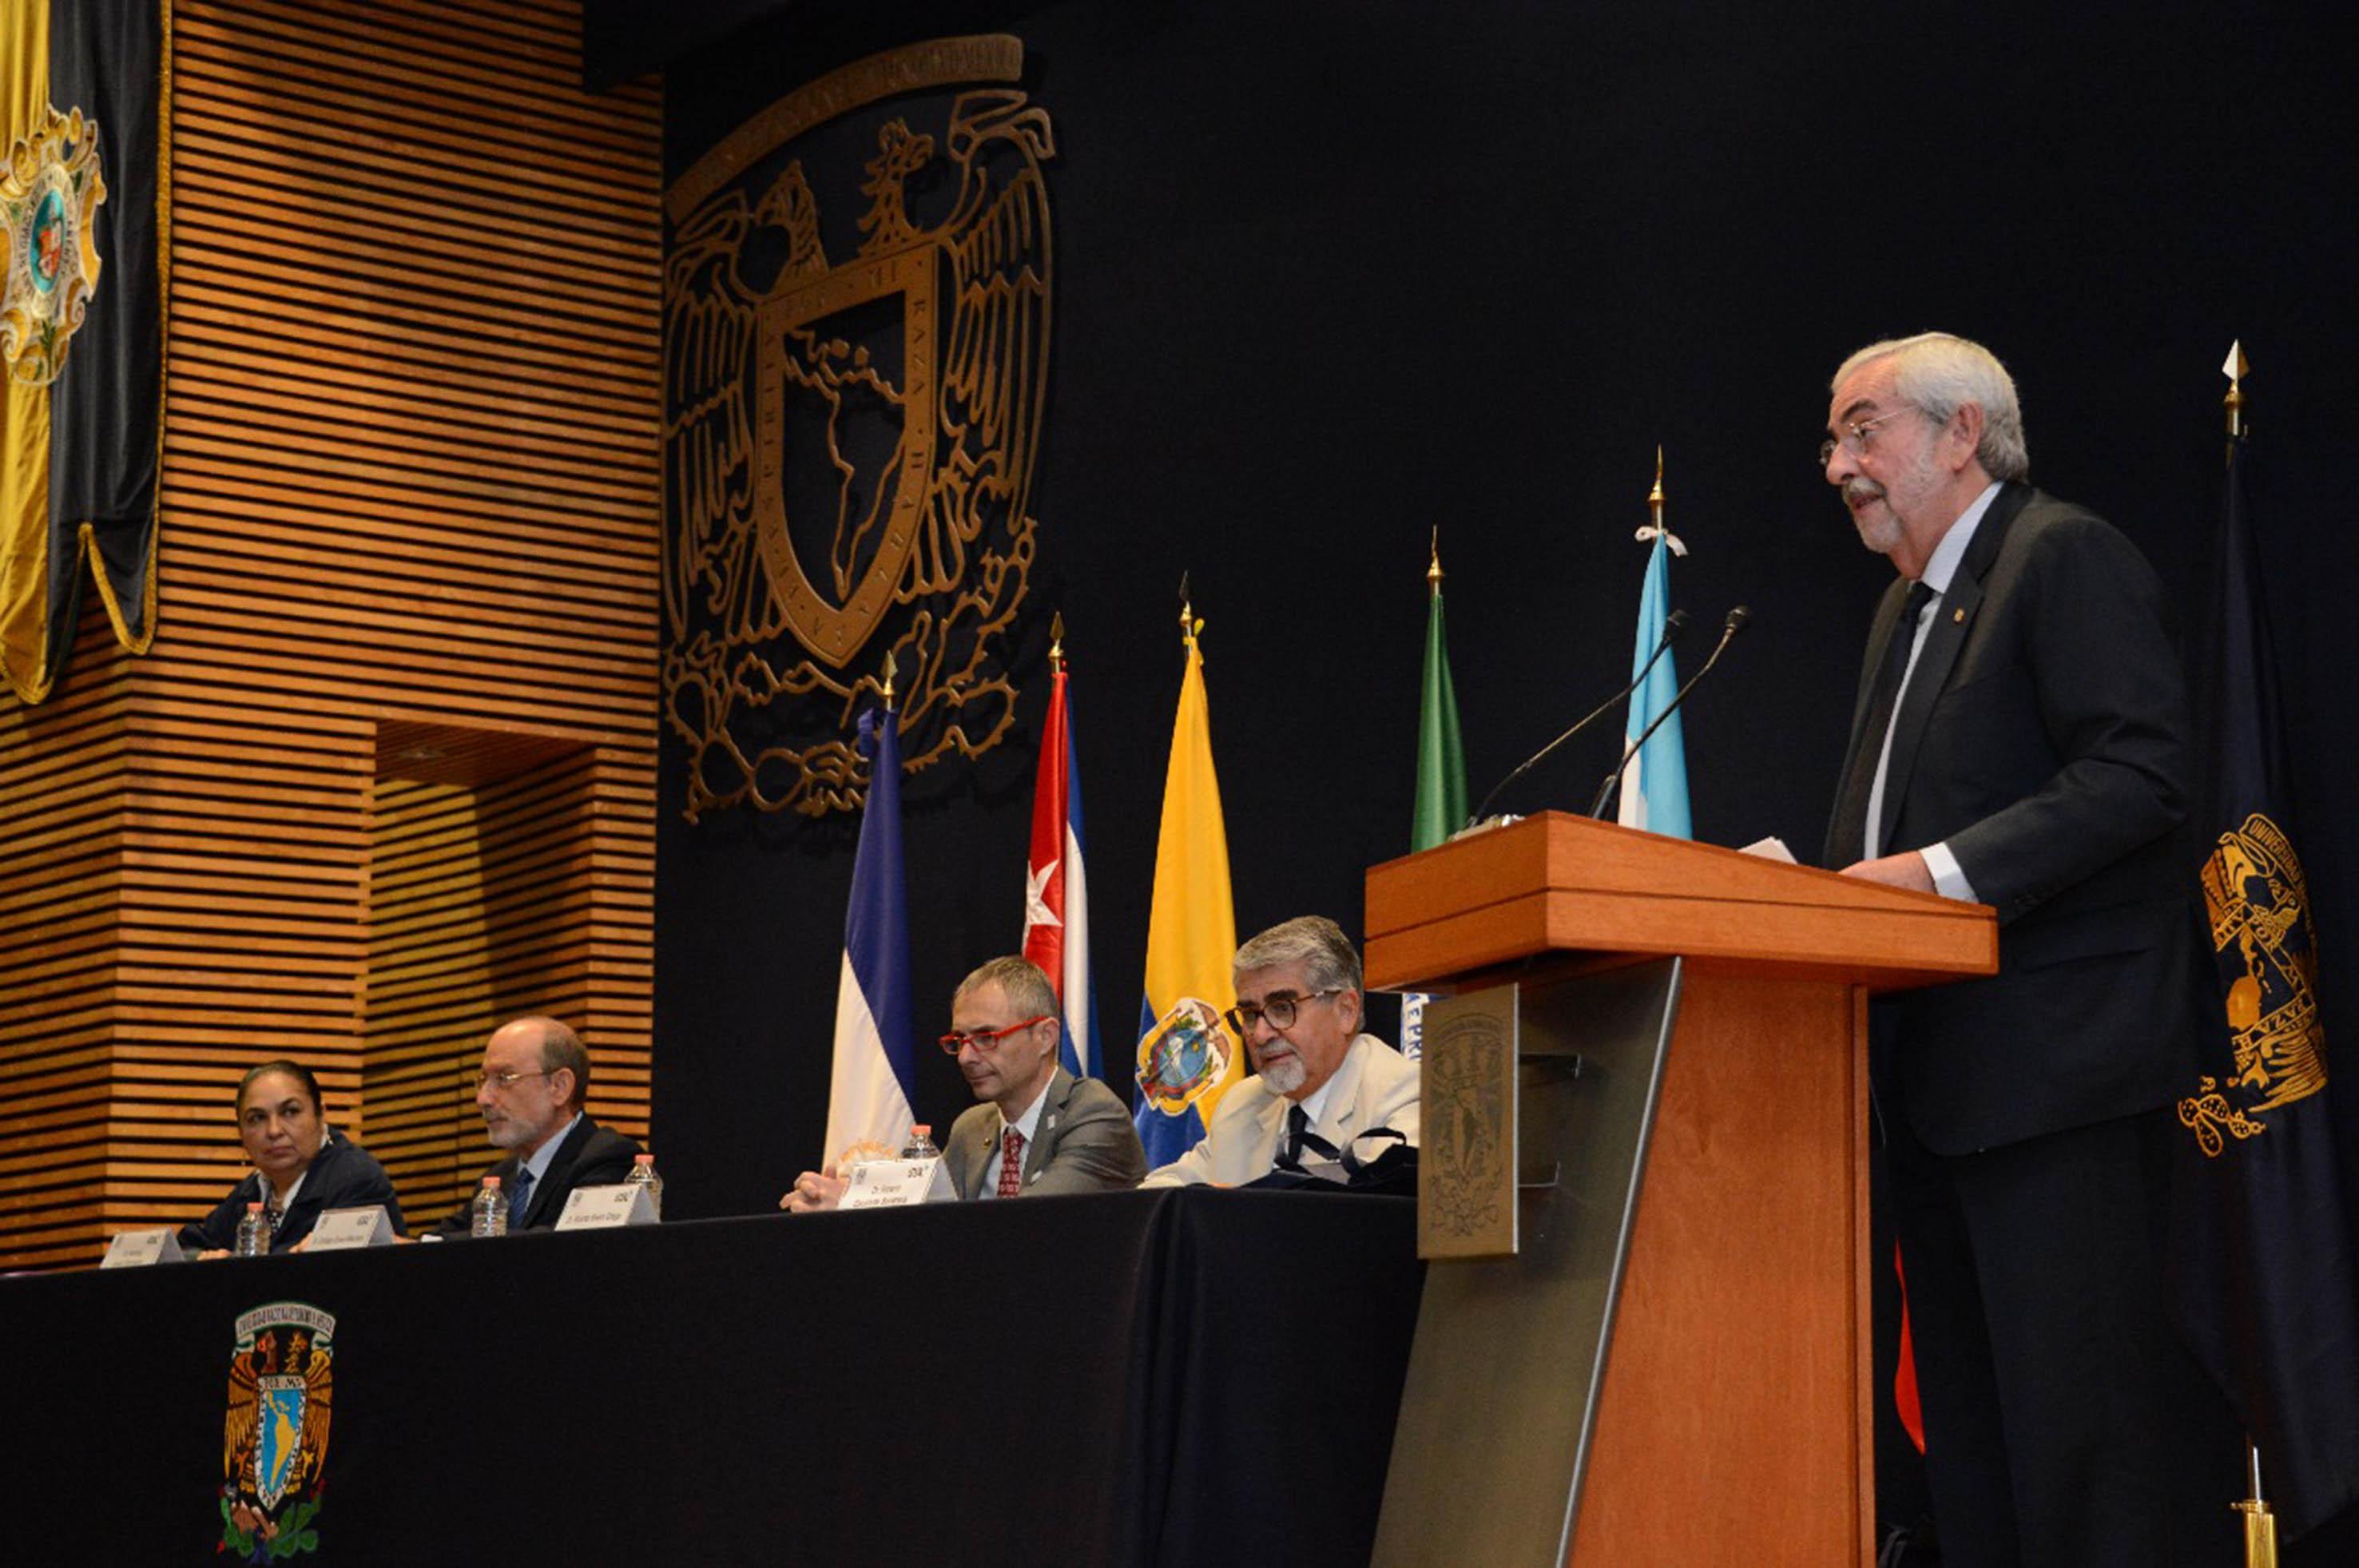 PRESERVAR LA AUTONOMÍA DE LAS UNIVERSIDADES, FUNDAMENTAL PARA EL DESARROLLO DE LAS NACIONES: GRAUE